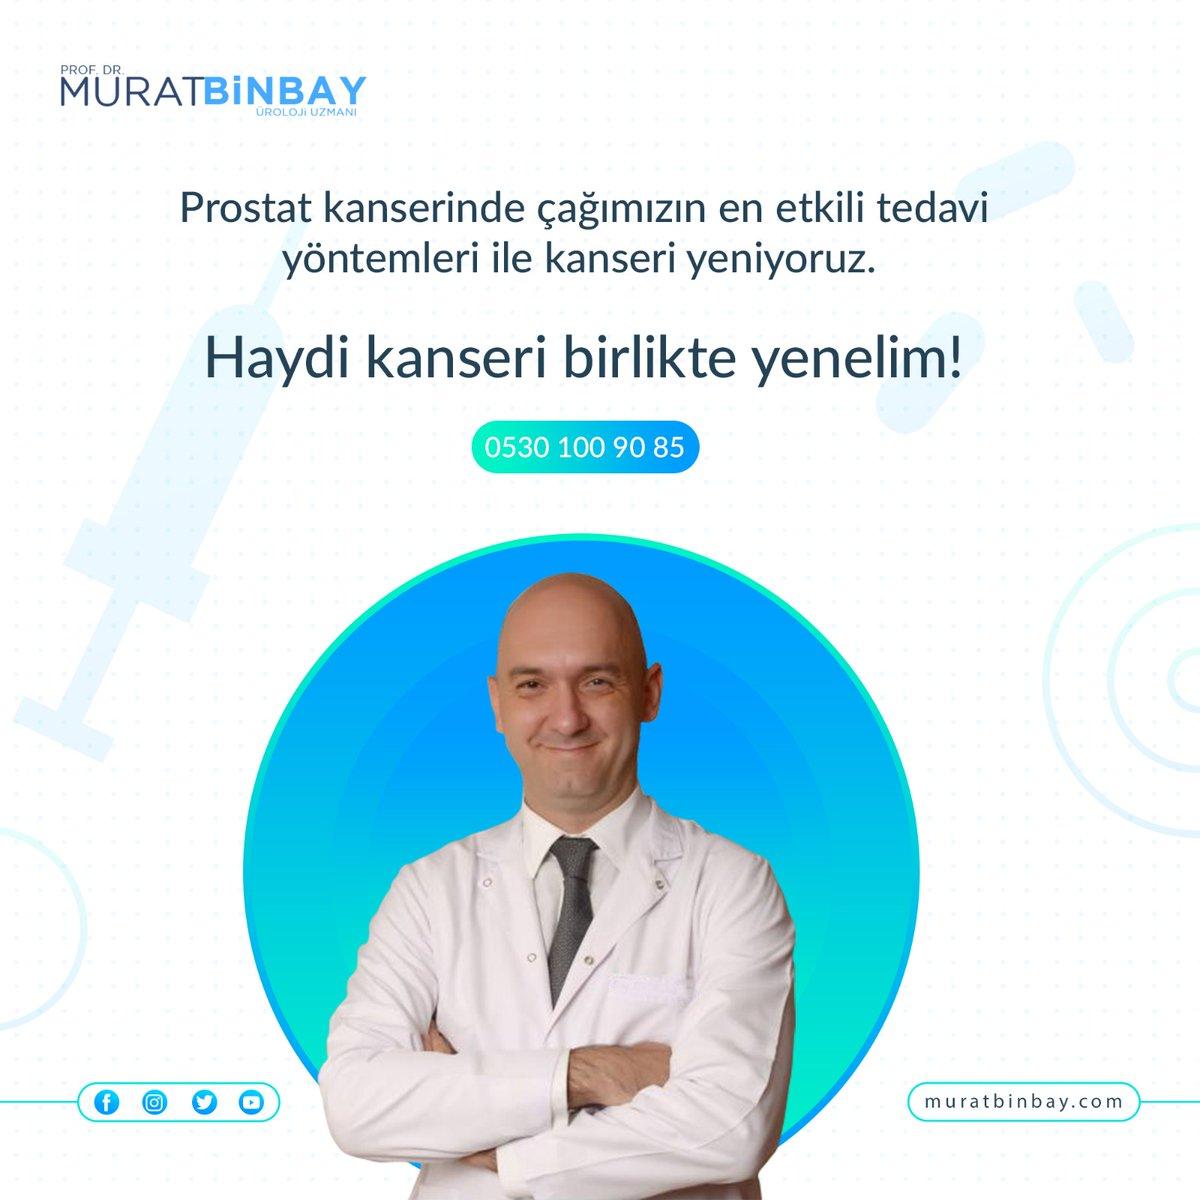 Prostat kanserinde çağımızın en etkili tedavi yöntemleri ile kanseri yeniyoruz. Haydi kanseri birlikte yenelim!  https://muratbinbay.com/  #muratbinbay #prostatkanseri #kanserlesavaş #sağlıkpic.twitter.com/pkHSuUKD3k